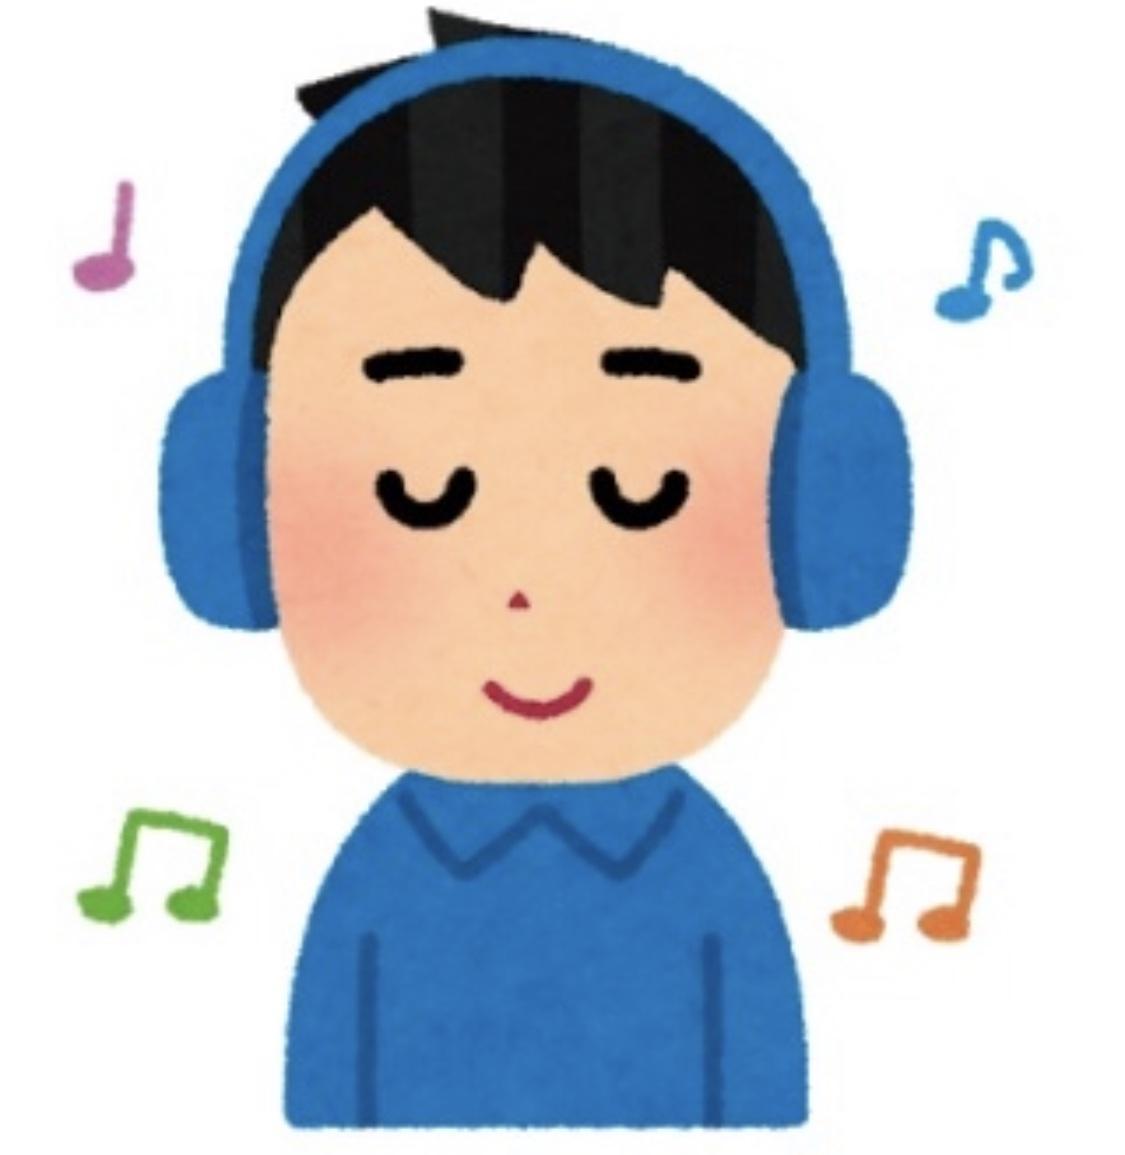 結婚式やイベントなどで使う音楽を編集・作成します ネット上からの音源を抽出して、CDを製作します。 イメージ1